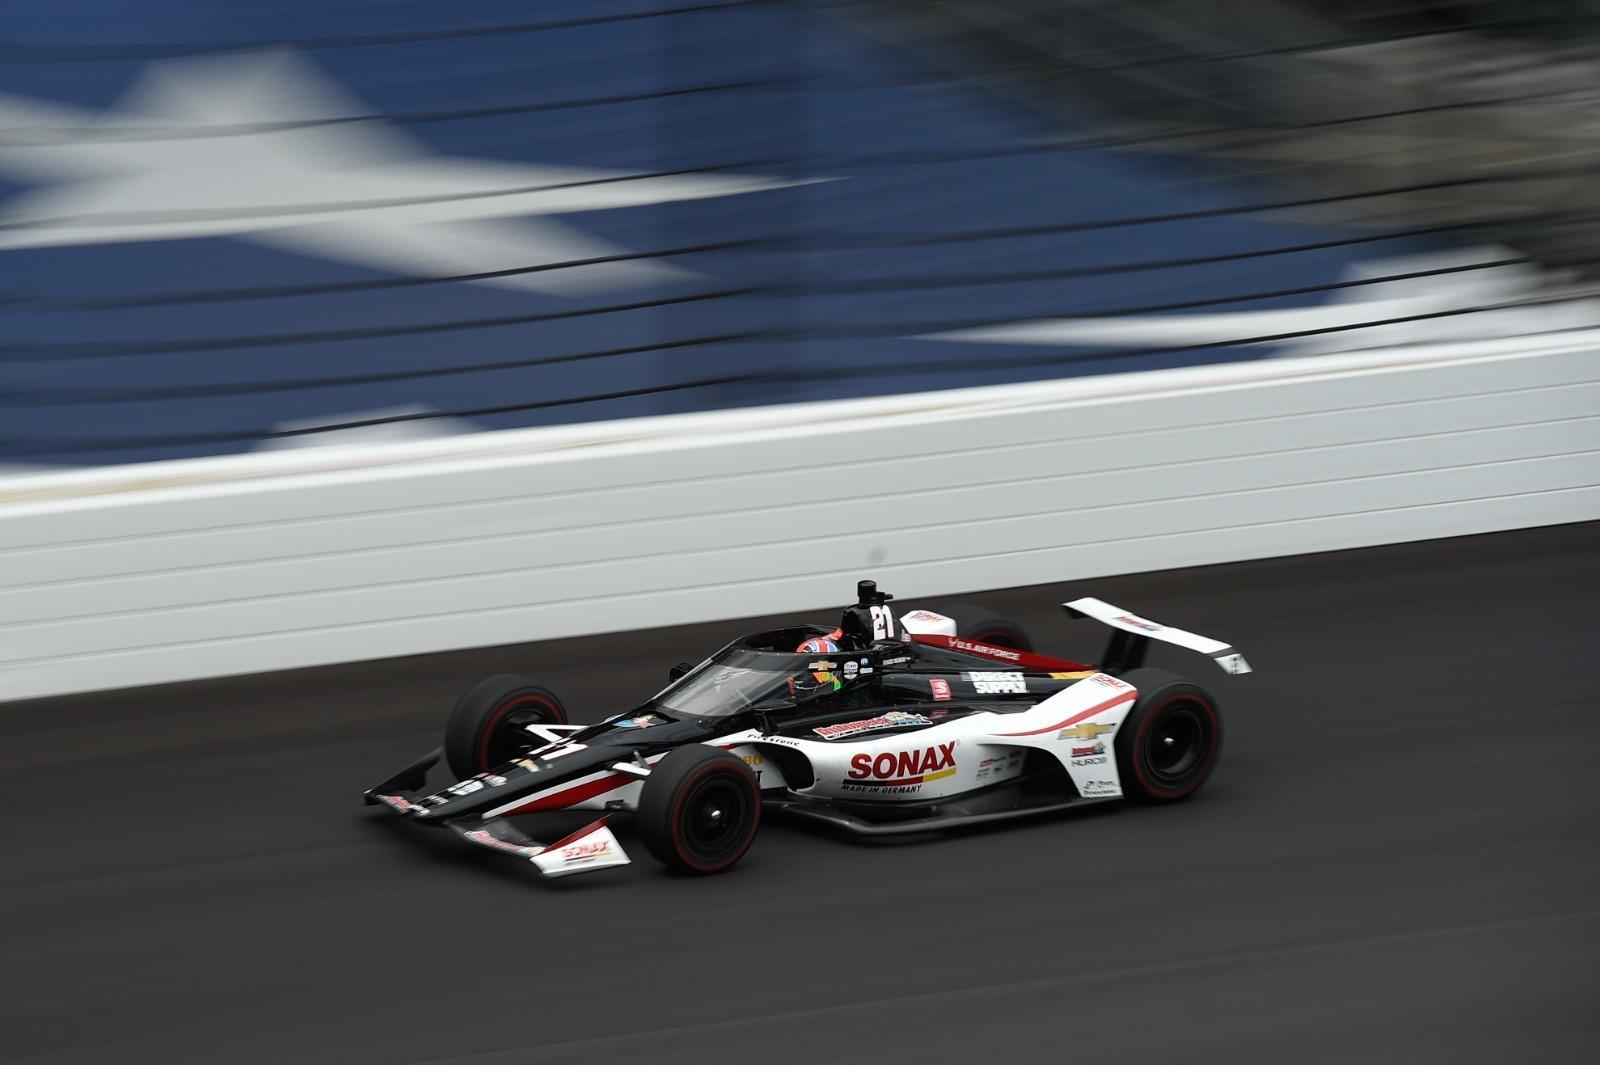 Rinus van Kalmthout maakt veel indruk tijdens kwalificatieweekend en start vanaf plek 4 in Indy 500